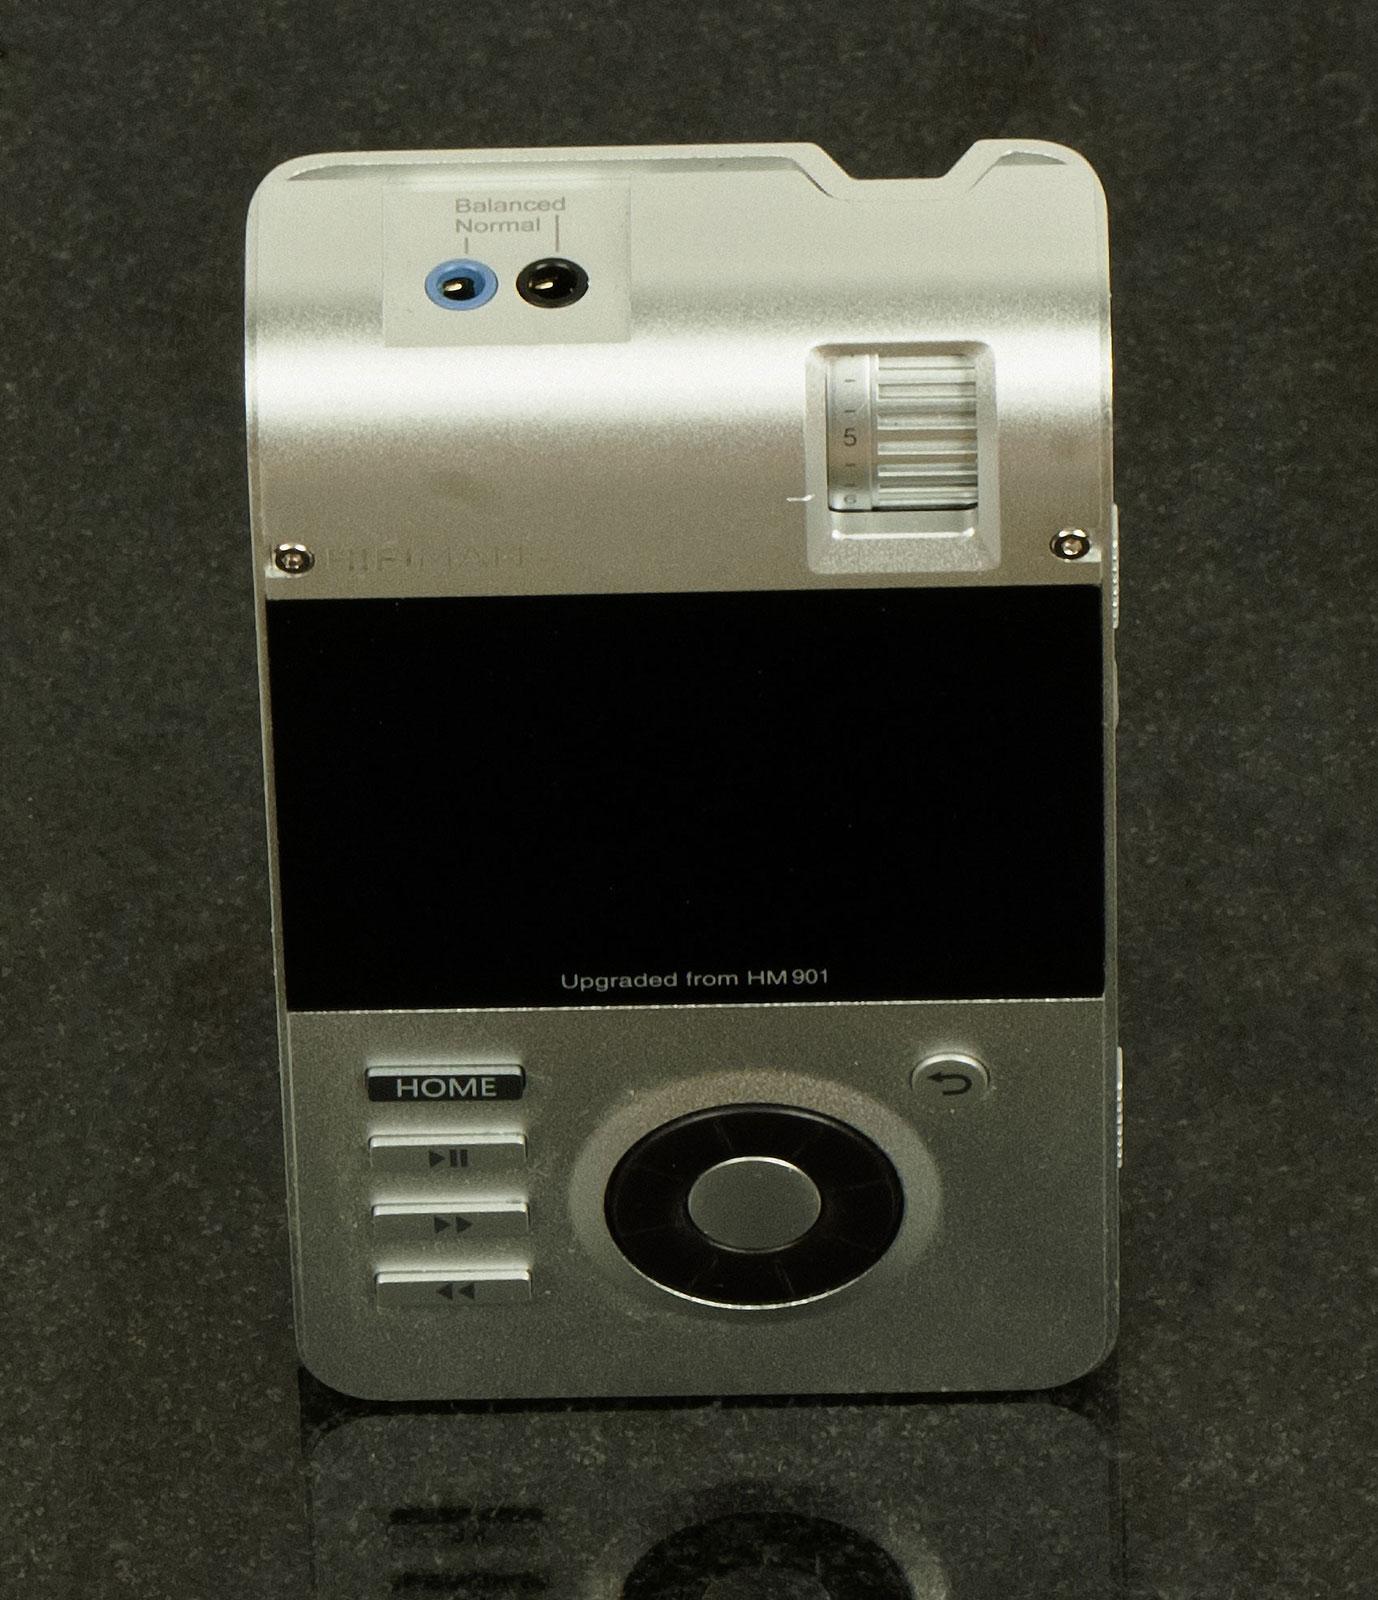 Обзор аудиоплеера HIFIMAN HM901U - 2